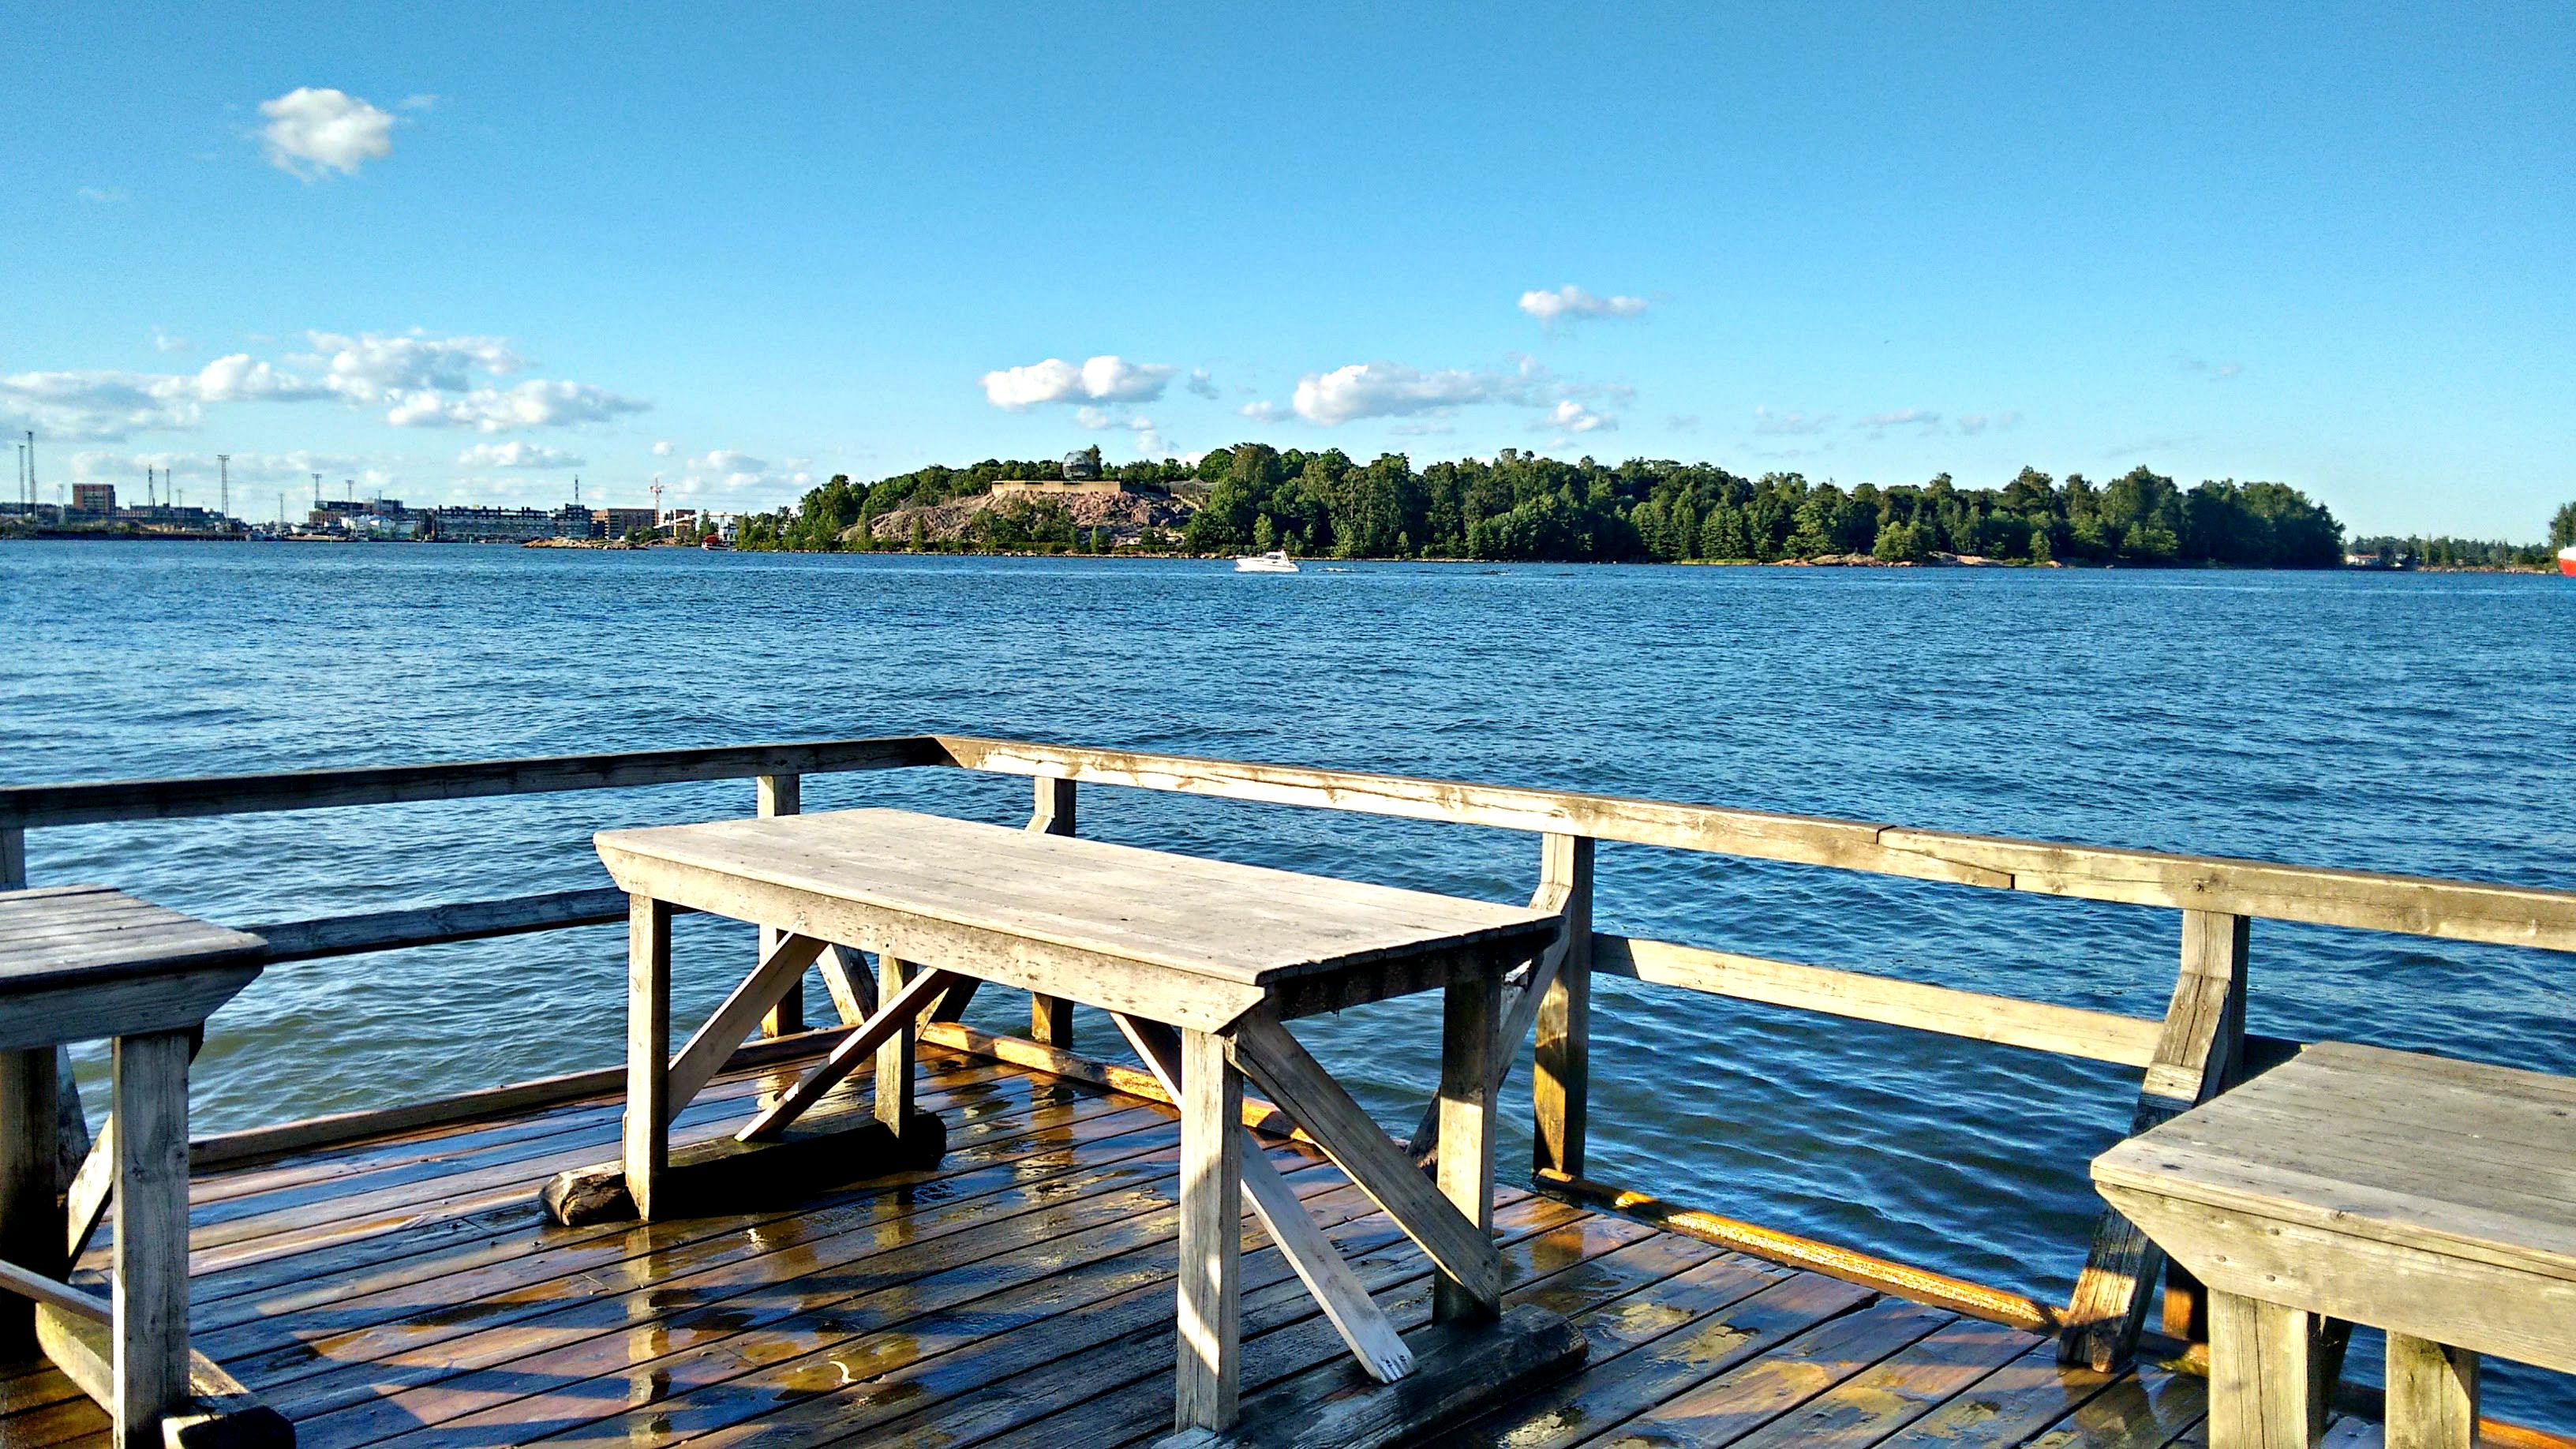 A floating dock in Helsinki